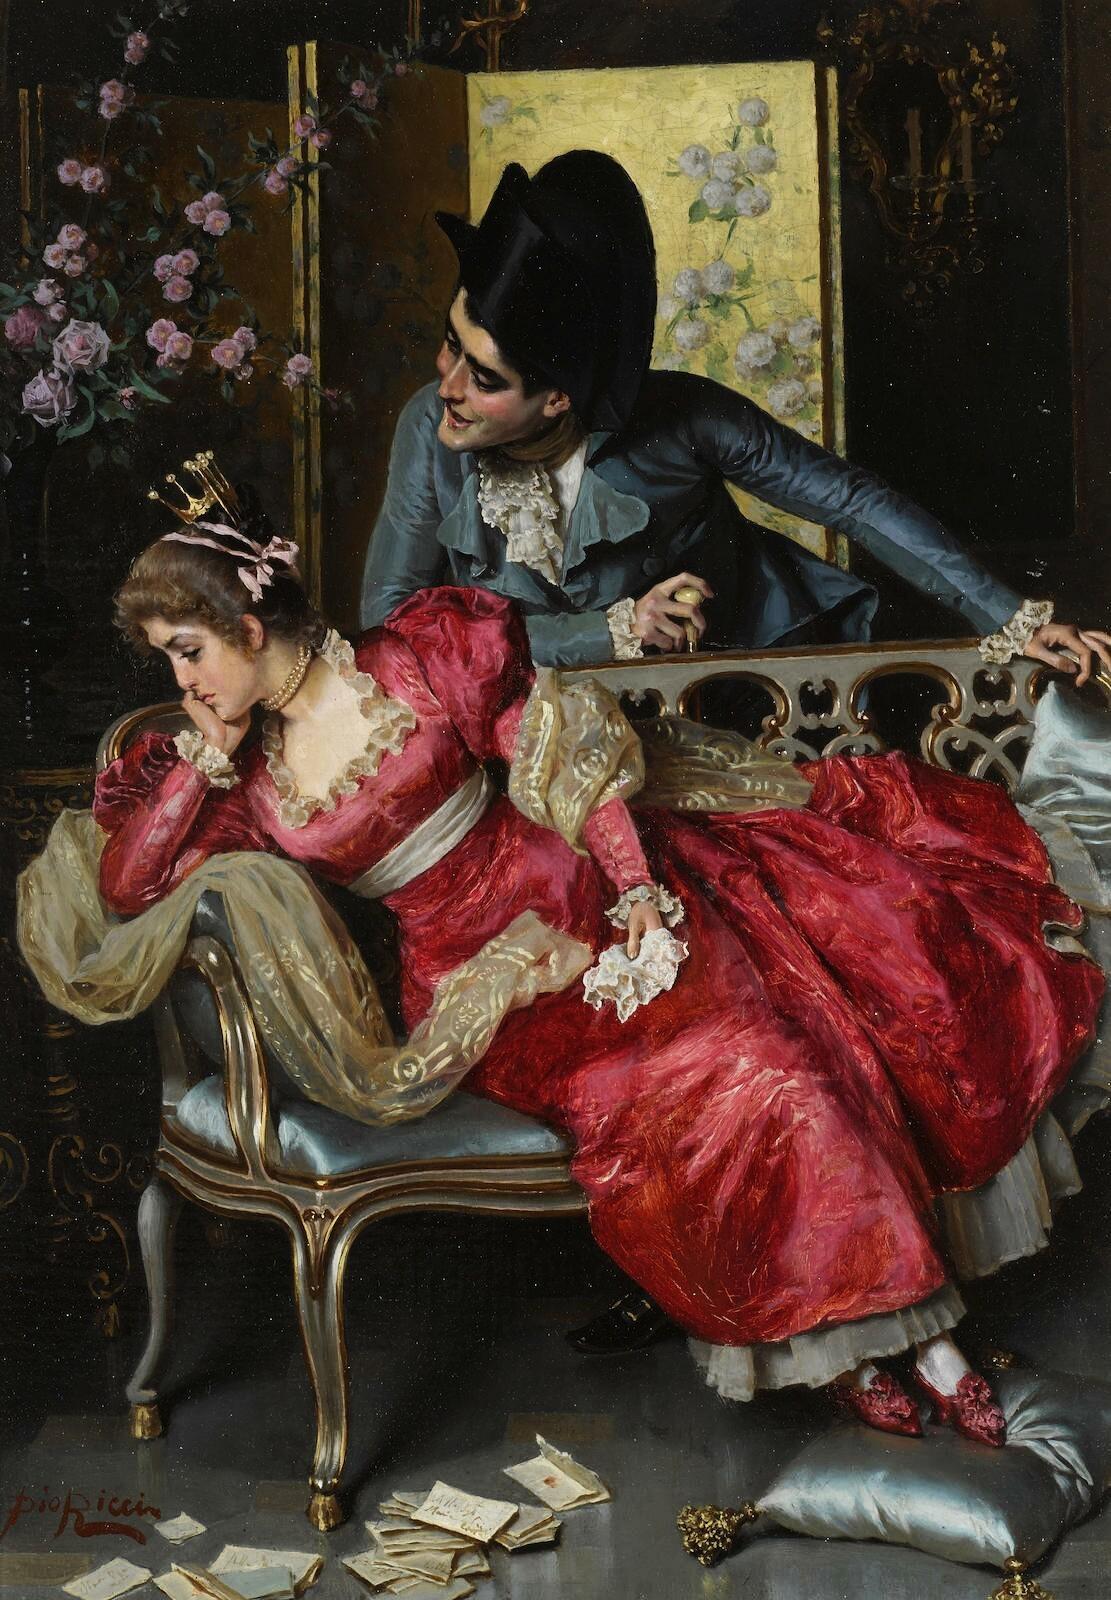 वो तोहमत जिसे इश्क़ कहती है दुनिया वो तोहमत उठाने को जी चाहता है .....साहिर लुधियानवी तोहमत : झूठा आरोप ; false alligation Here meaning : unnecessary botheration 'A lovers' quarrel', 1908 Painting by Pio Ricci, Italian, 1850 - 1919